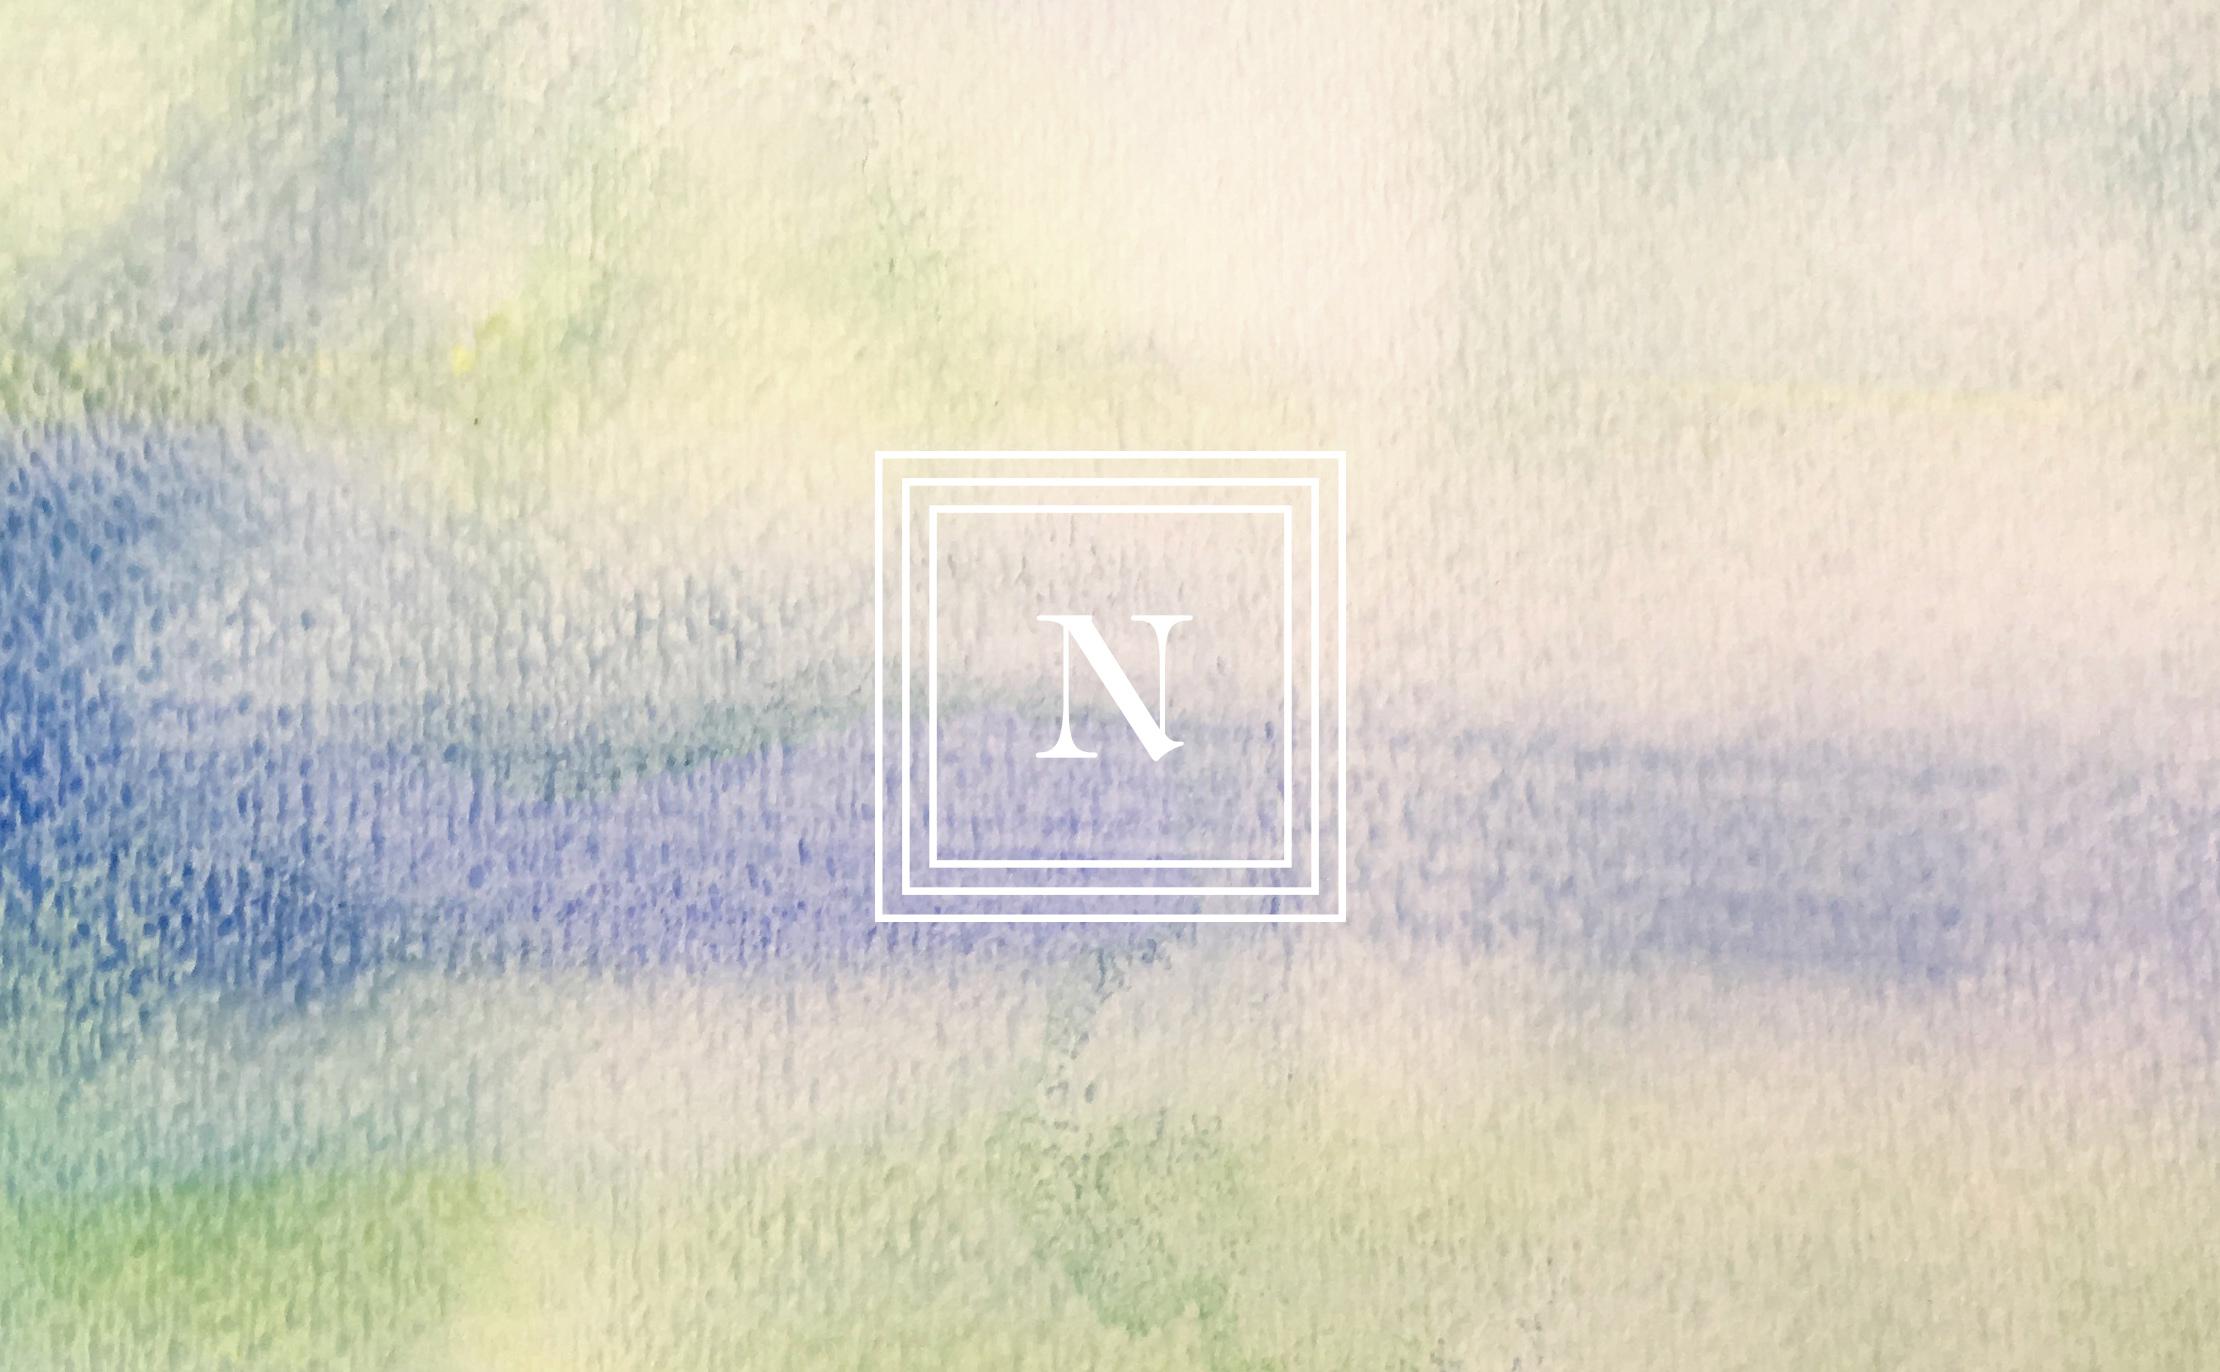 narissa_73.jpg